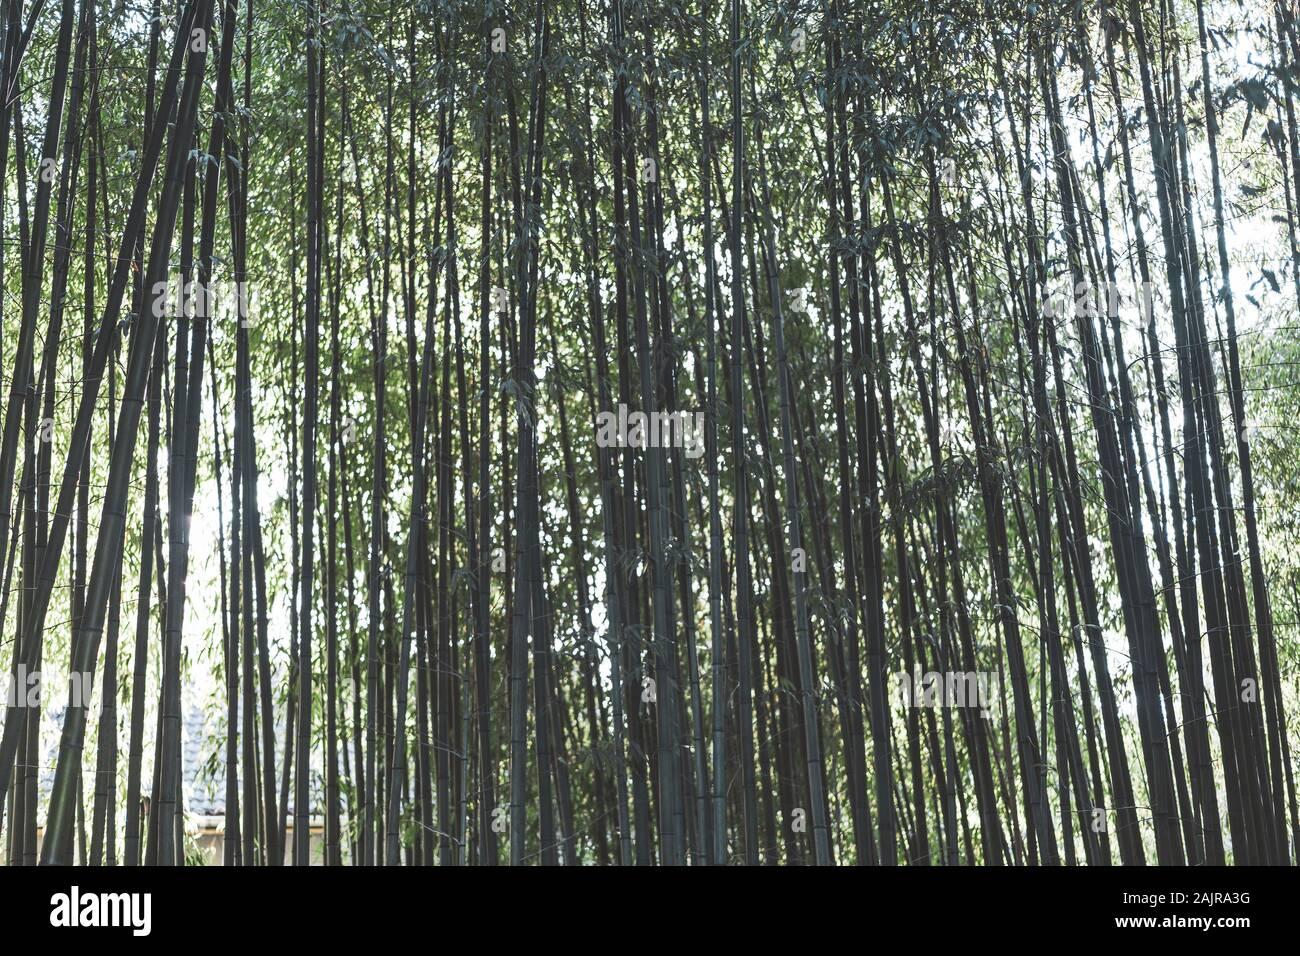 Bosque de bambú natural de fondo. Diseño de jardines japoneses, la jardinería. Spa Zen o concepto. Foto de stock